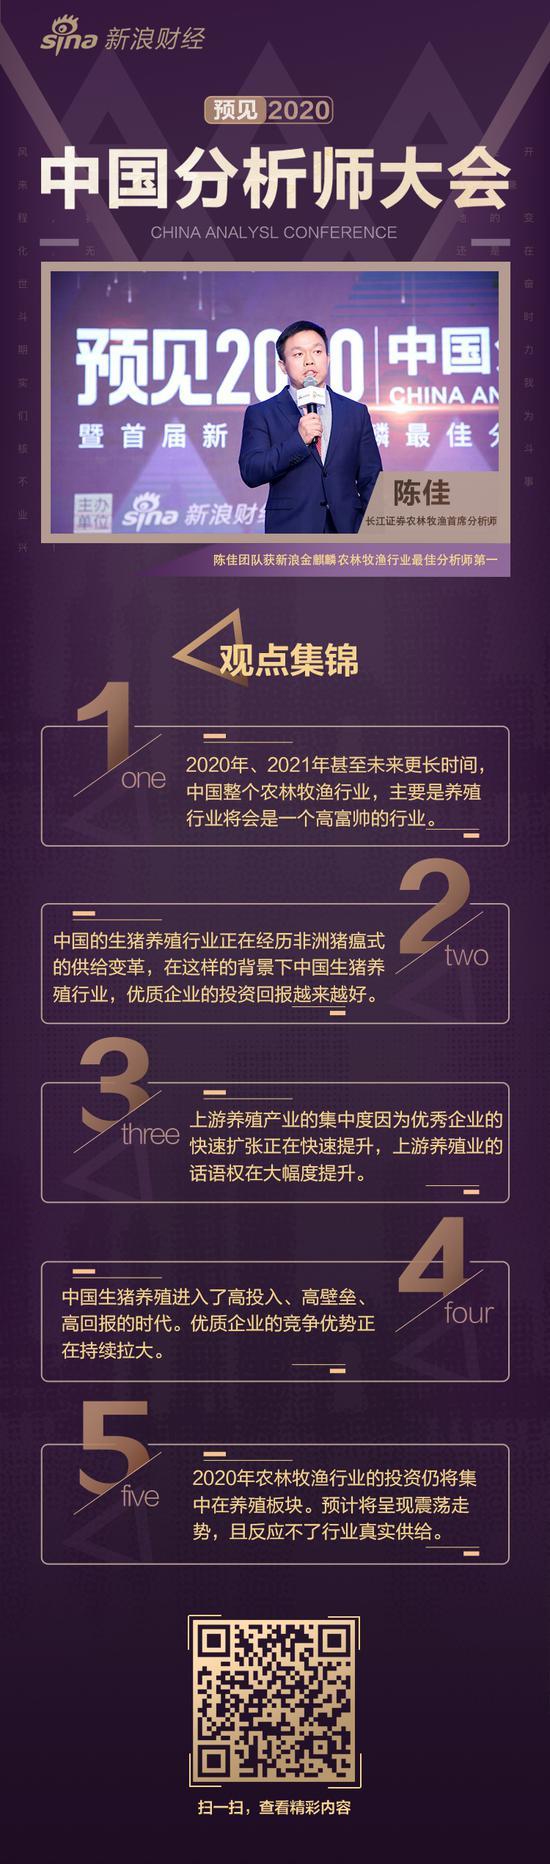 pk彩娱乐平台计划群_孩子有这4种表现,可能智商优于常人,宝妈早知道早培养